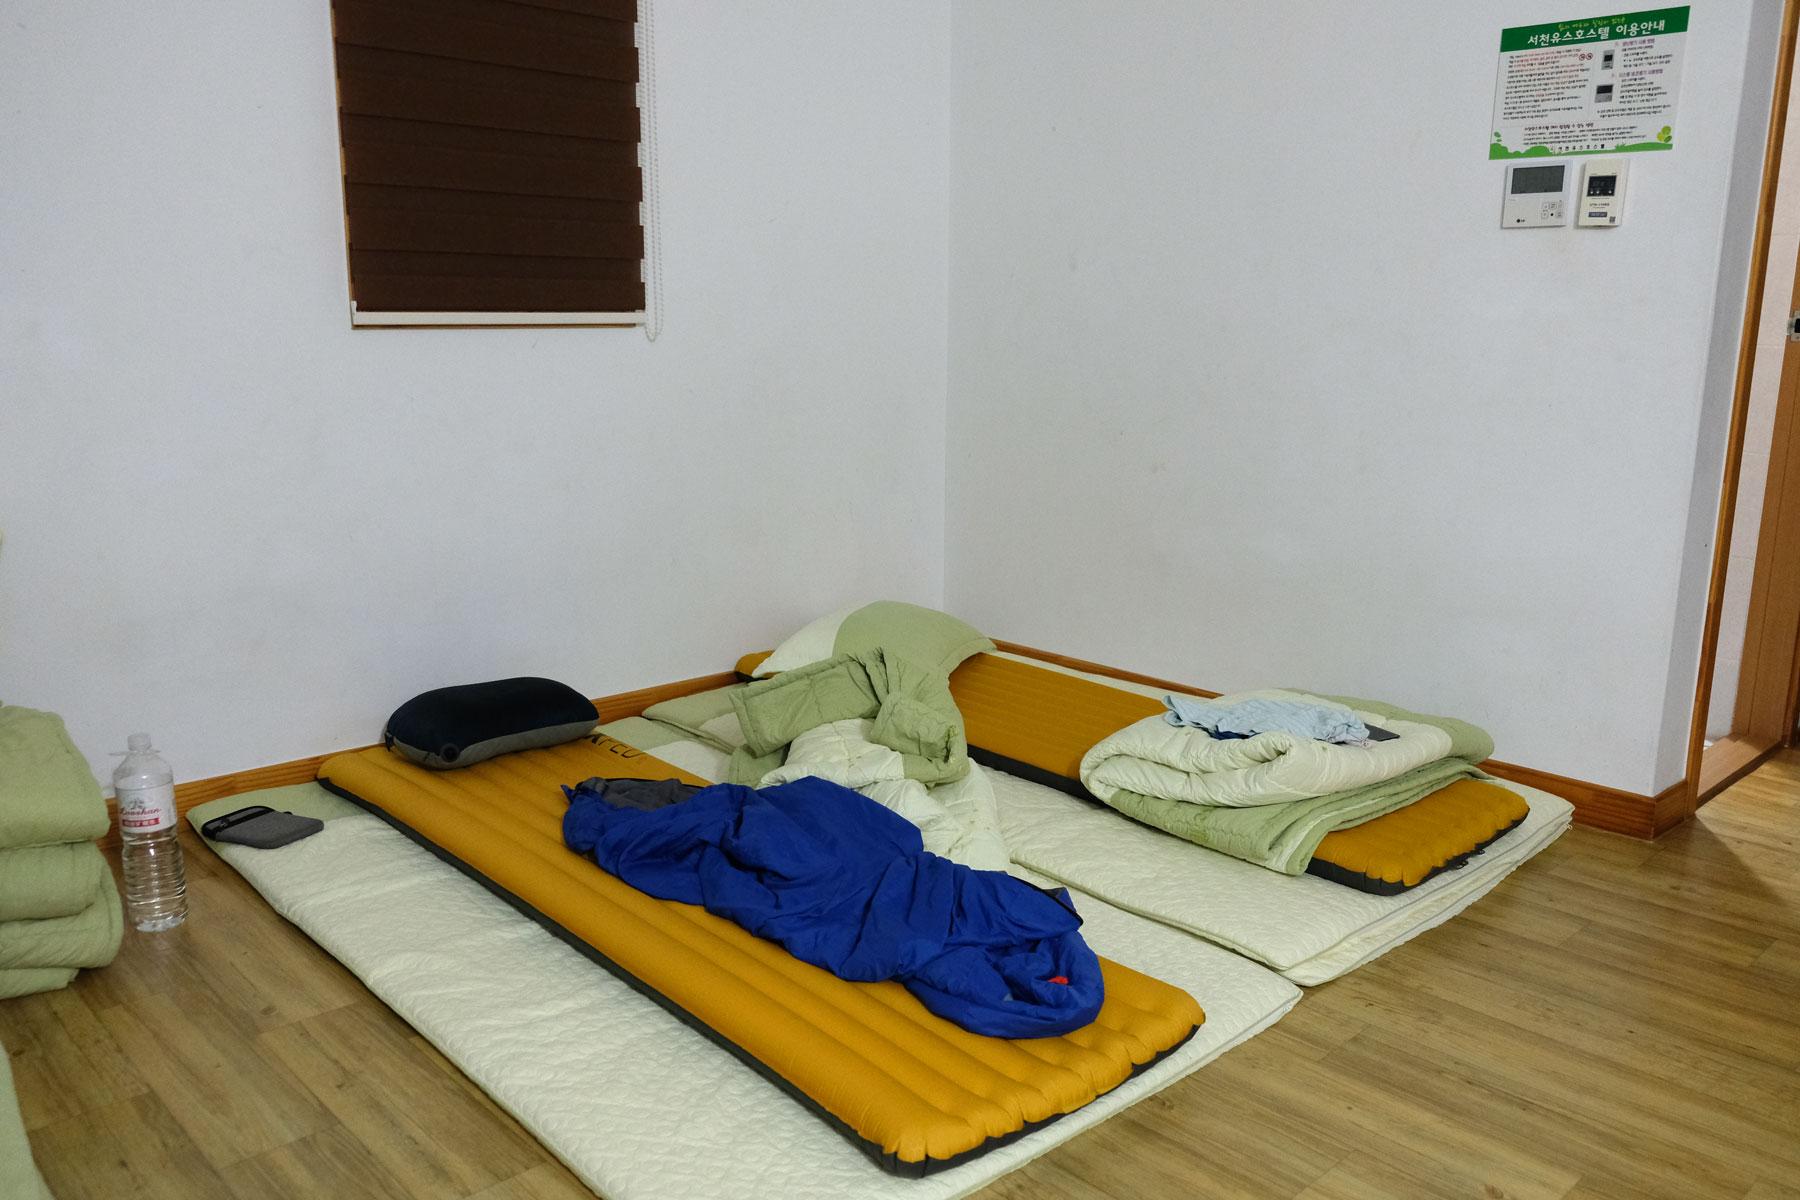 In Südkorea schläft man traditionell auf dünnen Matratzen.